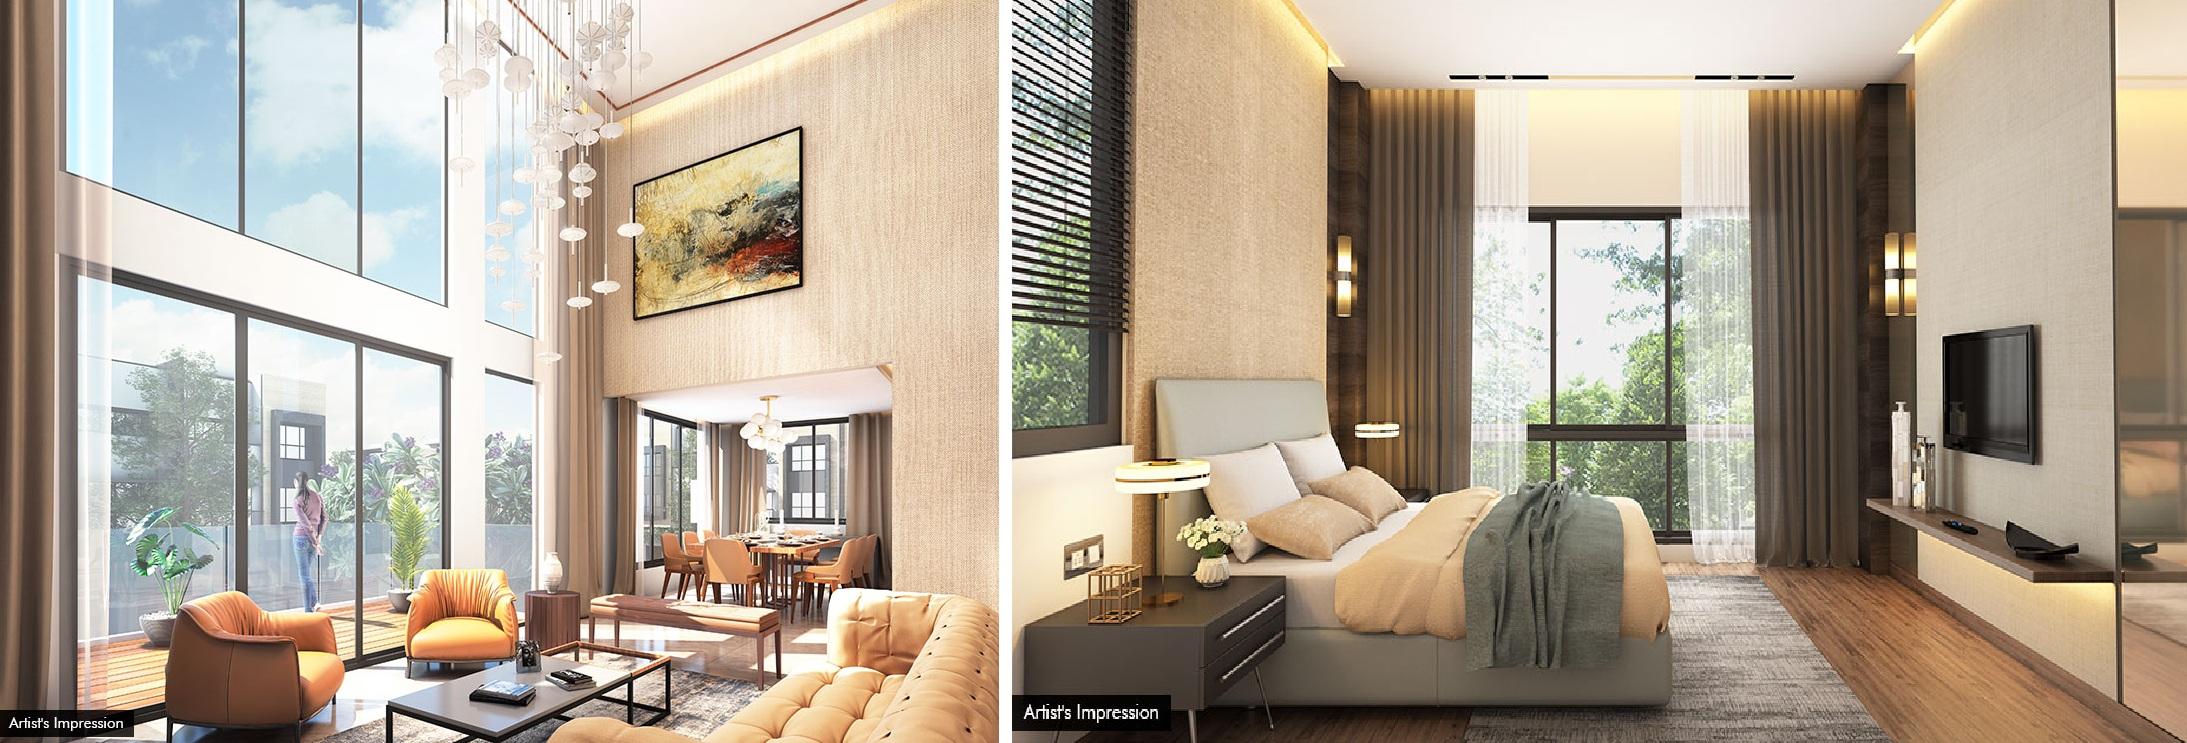 wadhwa magnolia cluster 3 apartment interiors7